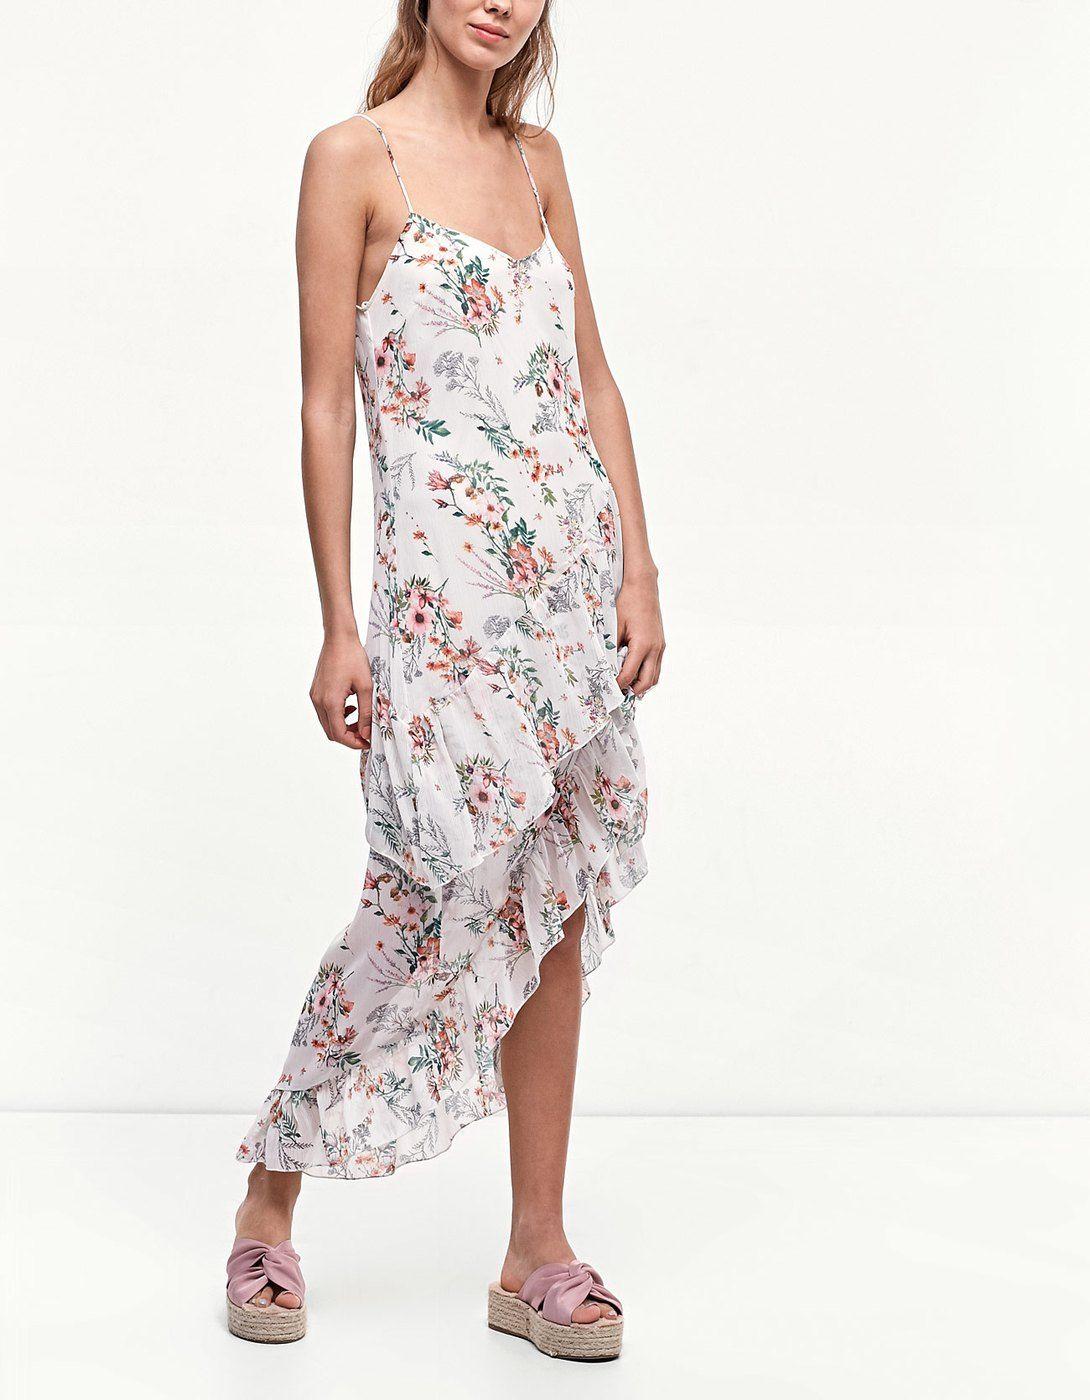 Φόρεμα εμπριμέ με βολάν Μόδα Μποέμ fd61bccf474